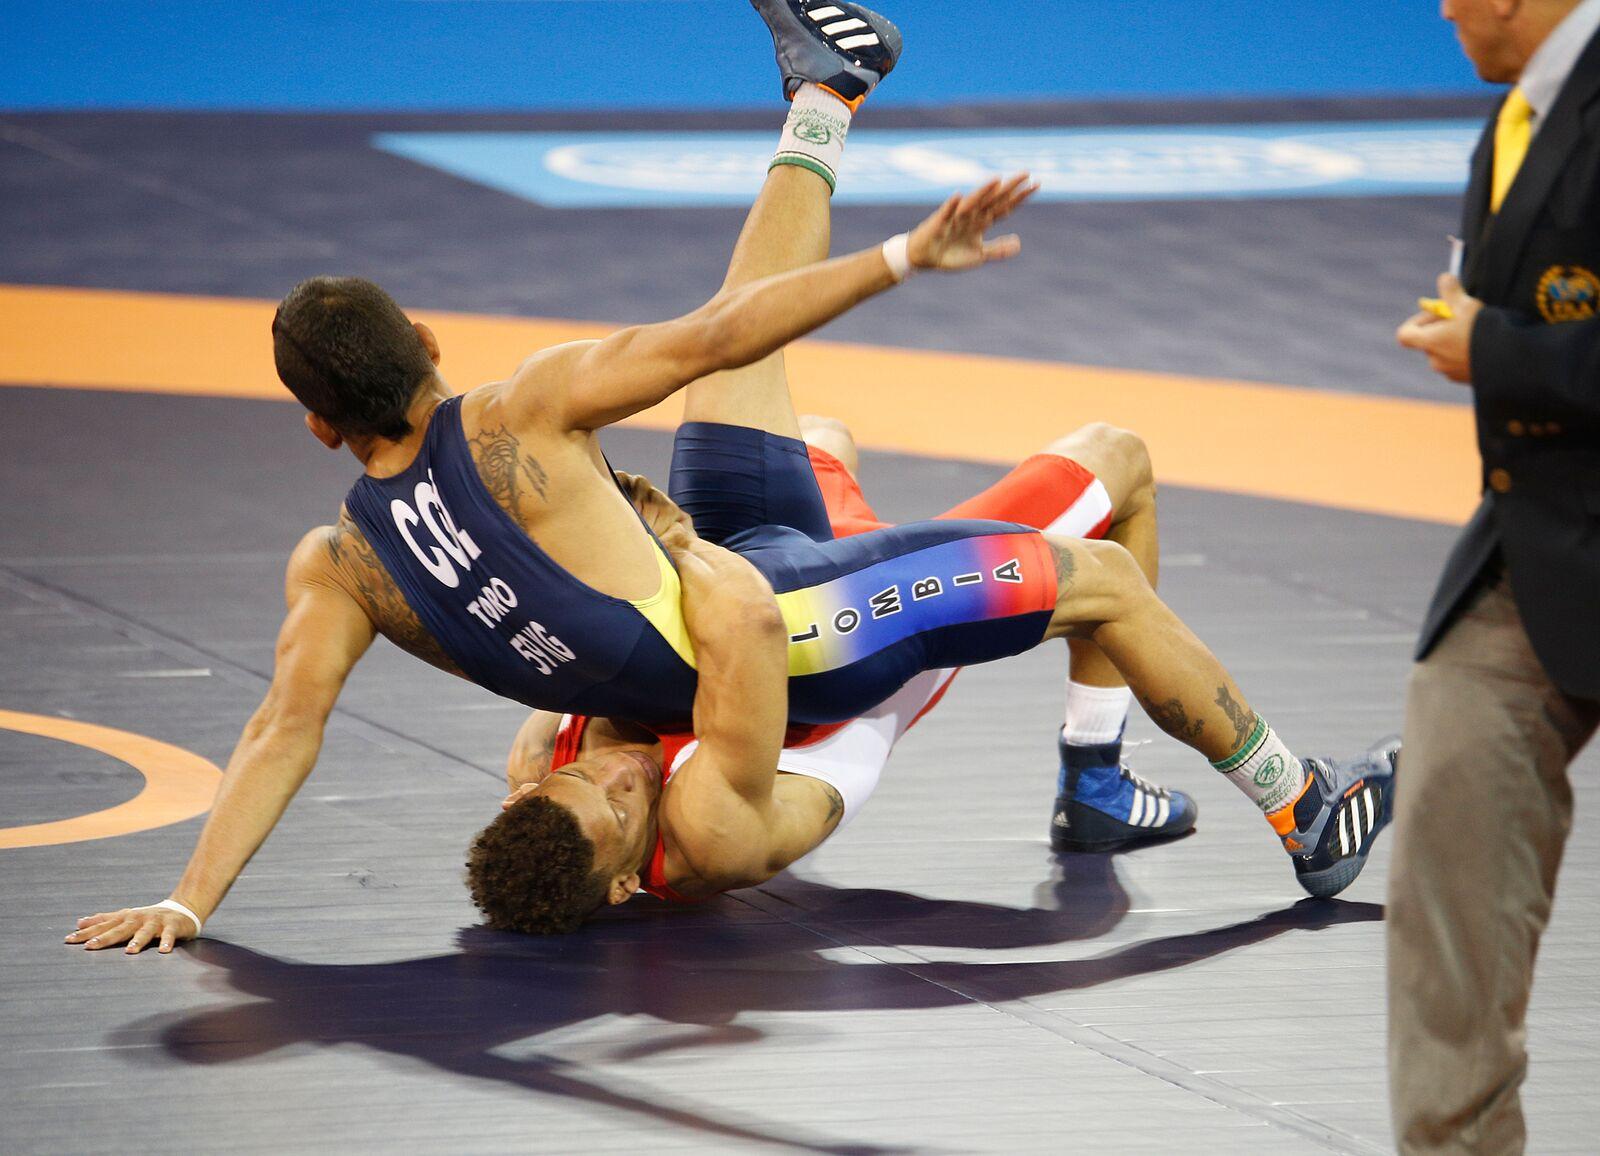 Luchadores en acción